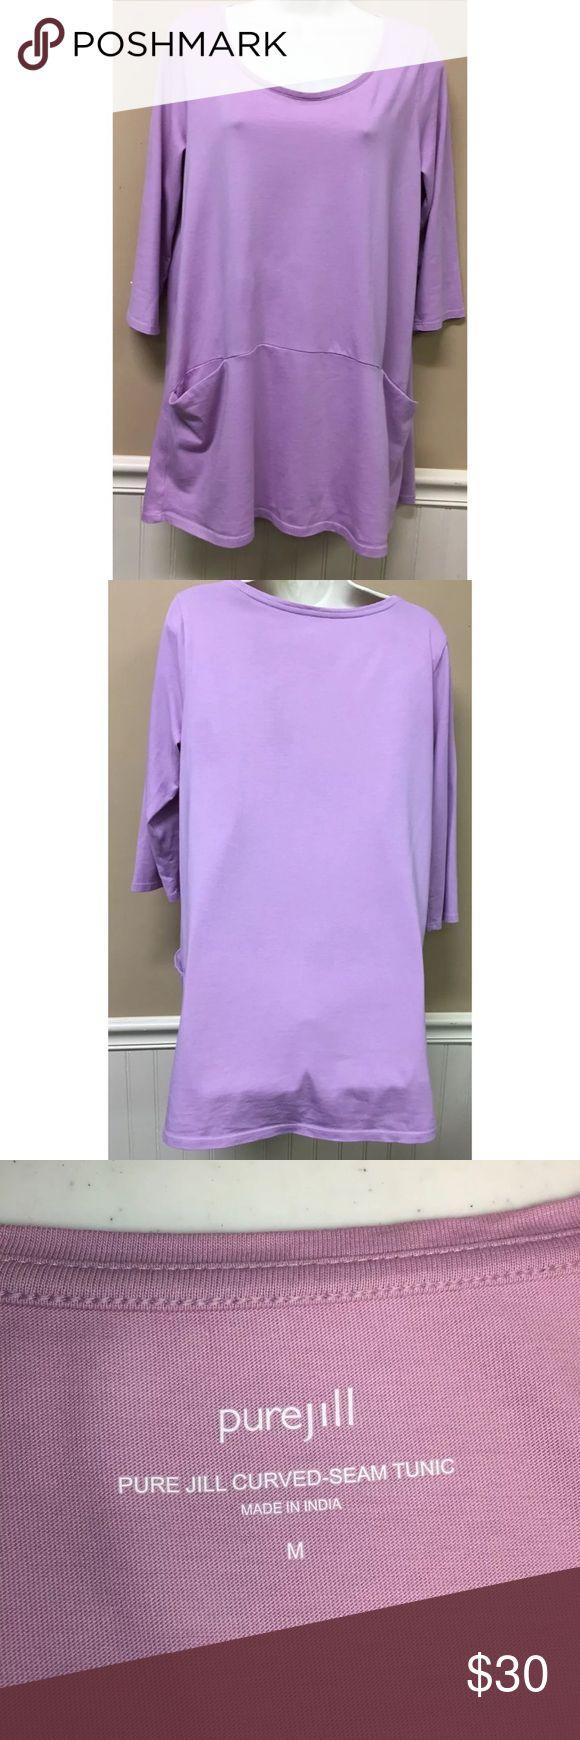 Pure Jill Curved Seam Tunic Top Purple Size Medium Pure Jill Curved Seam Tunic Top Purple Womens Size Medium Pima Cotton J. Jill Tops Tunics